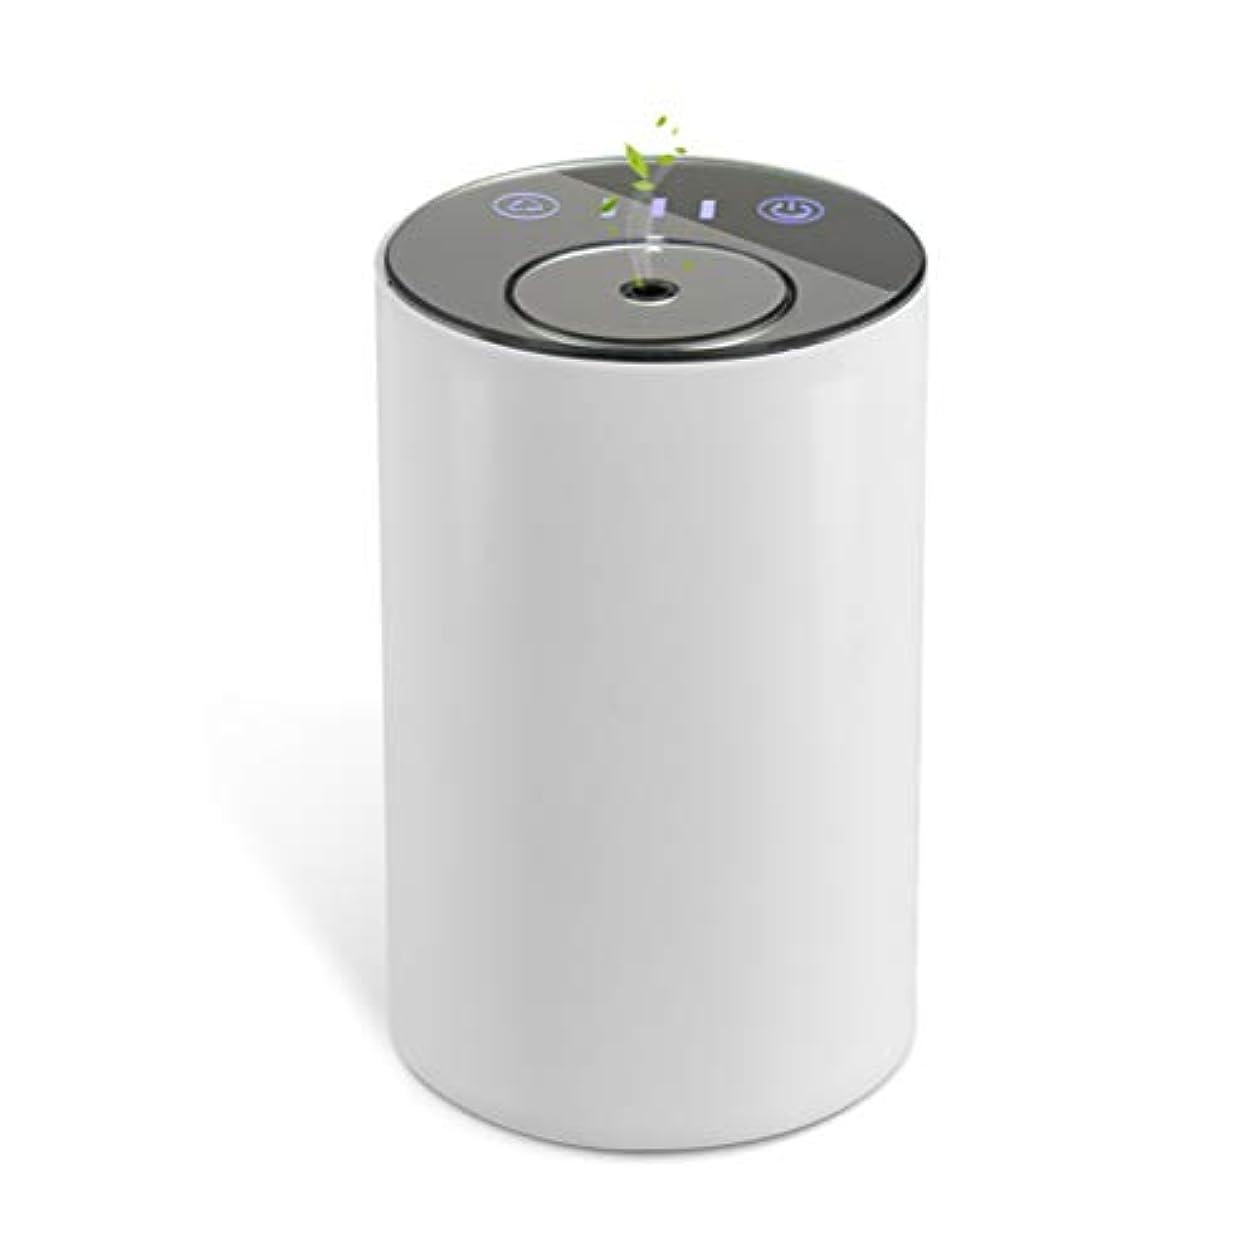 封建交渉するカウントアロマディフューザー ネブライザー式 水なし 充電式 静音 噴霧 ミスト量調整可 タイマー機能 車用 エッセンシャルオイルの節約